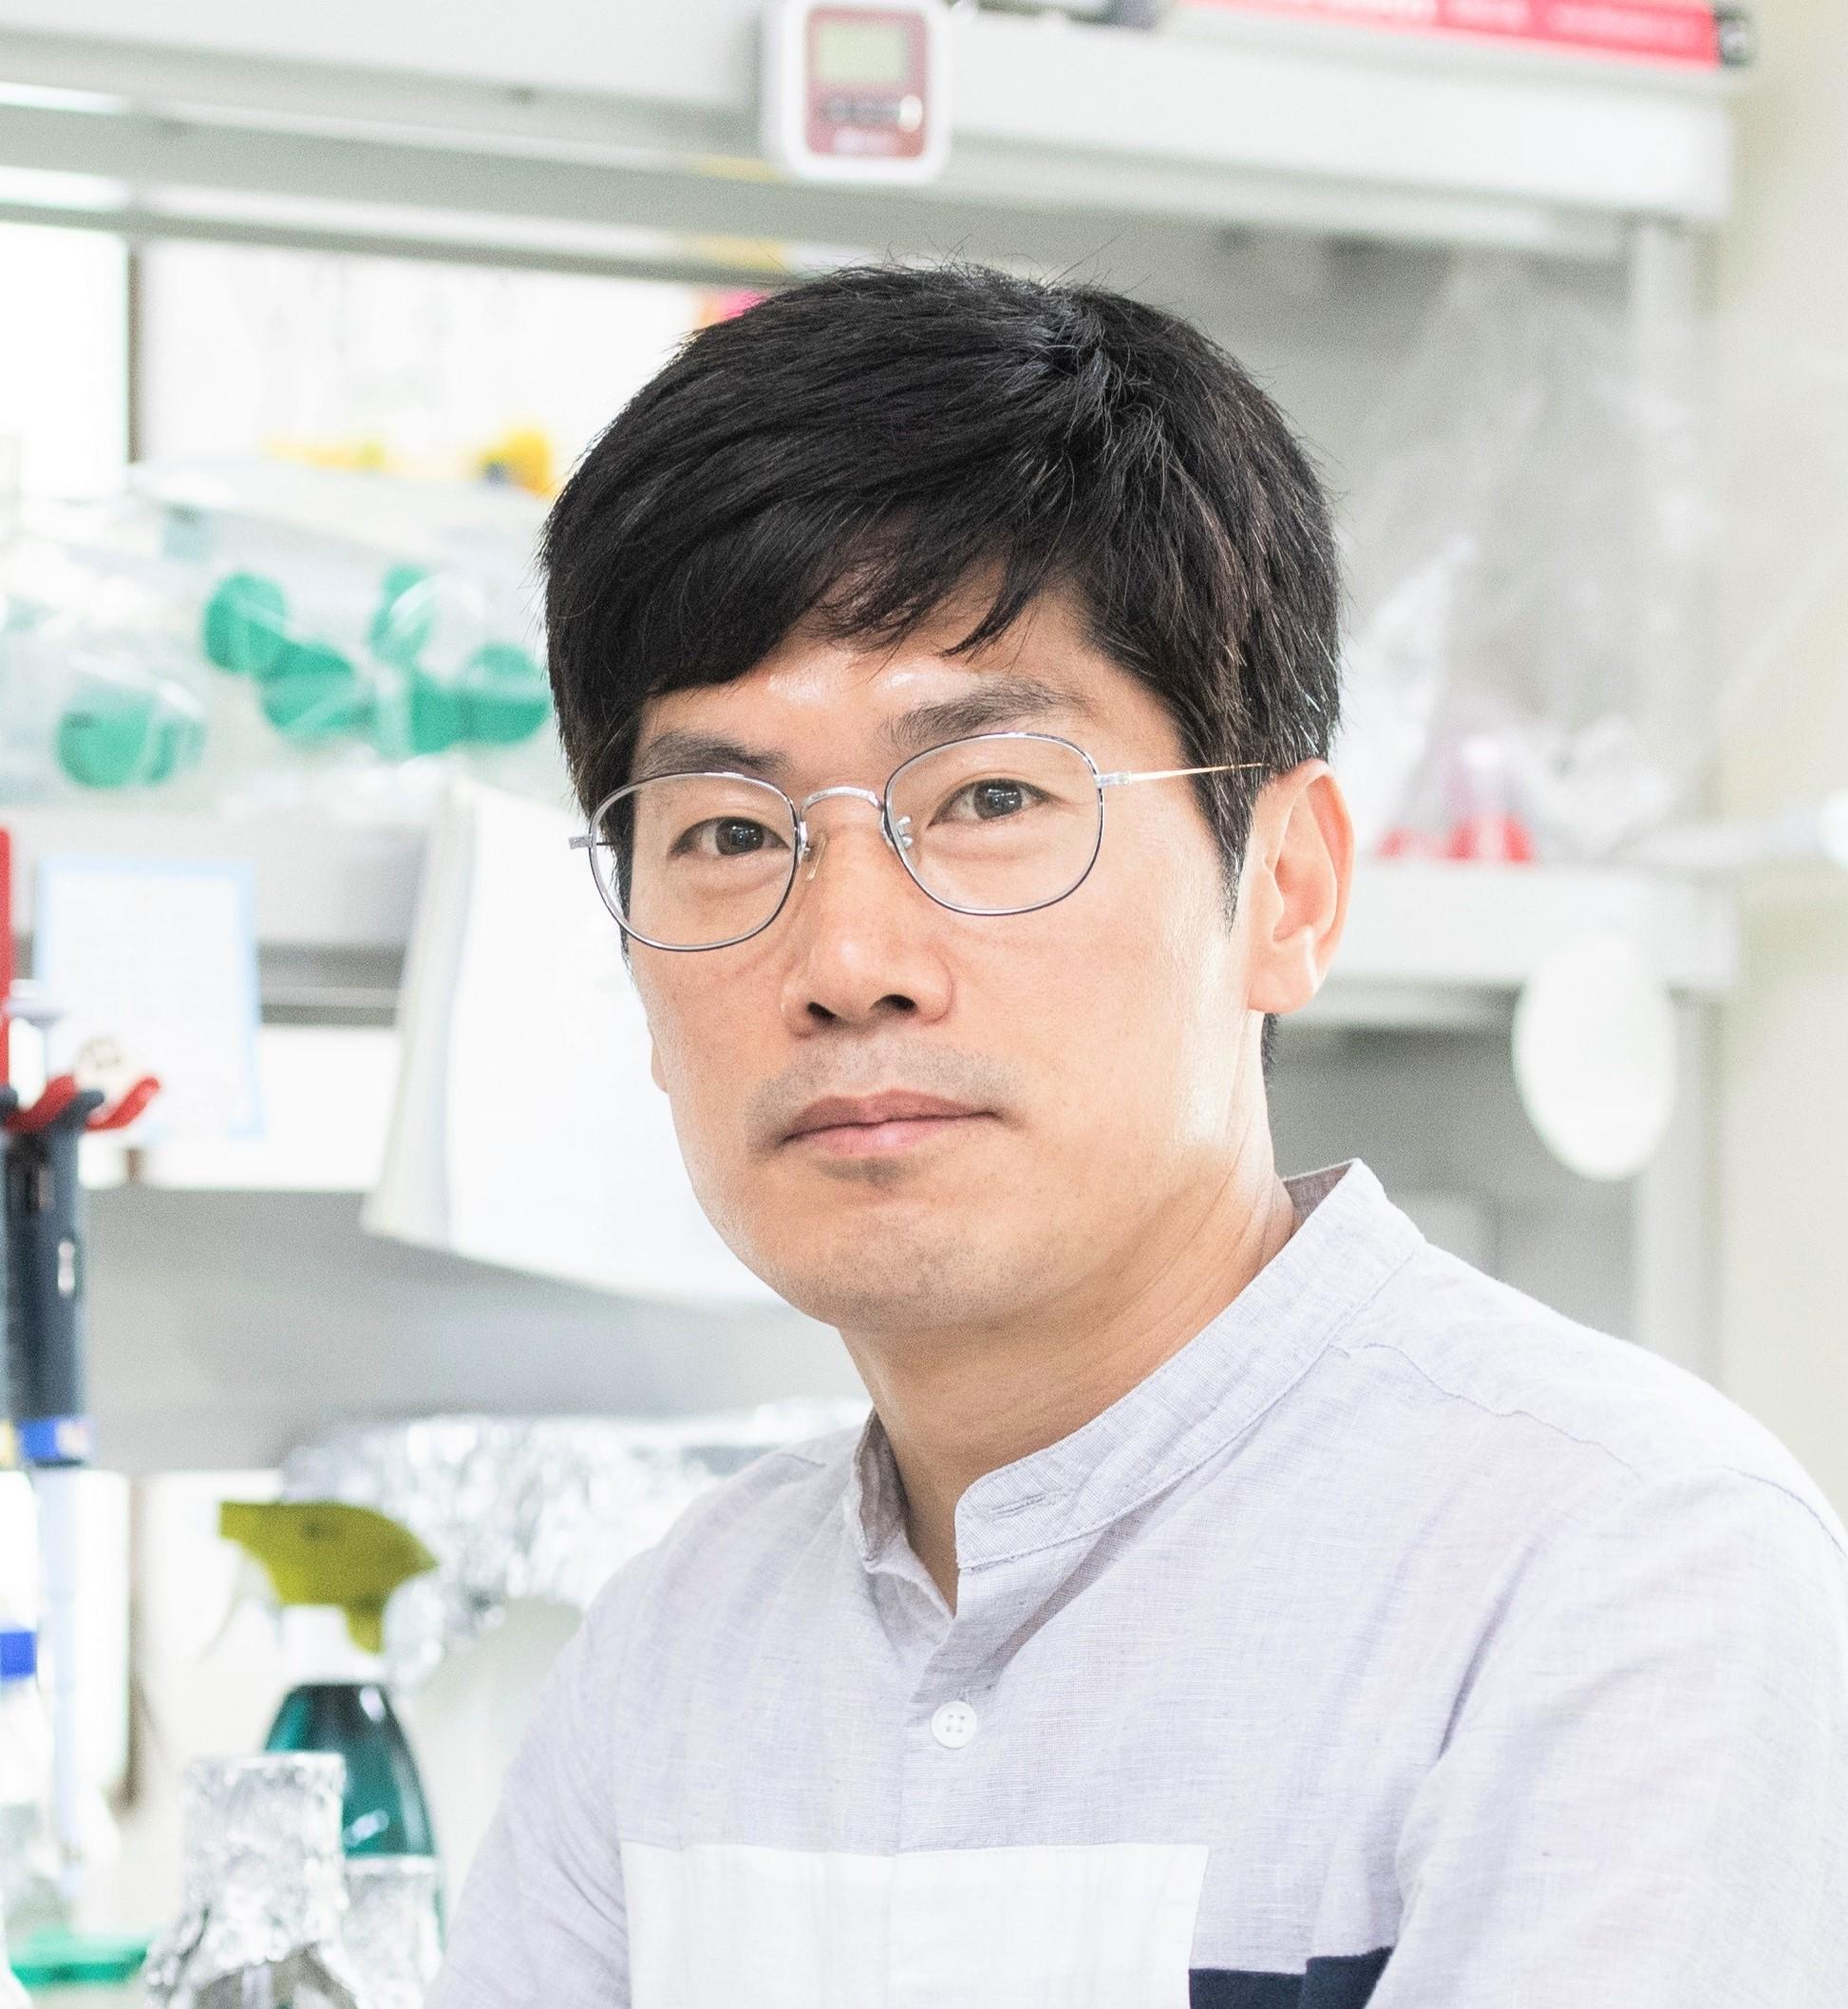 김태수(金太수) 교수님 사진